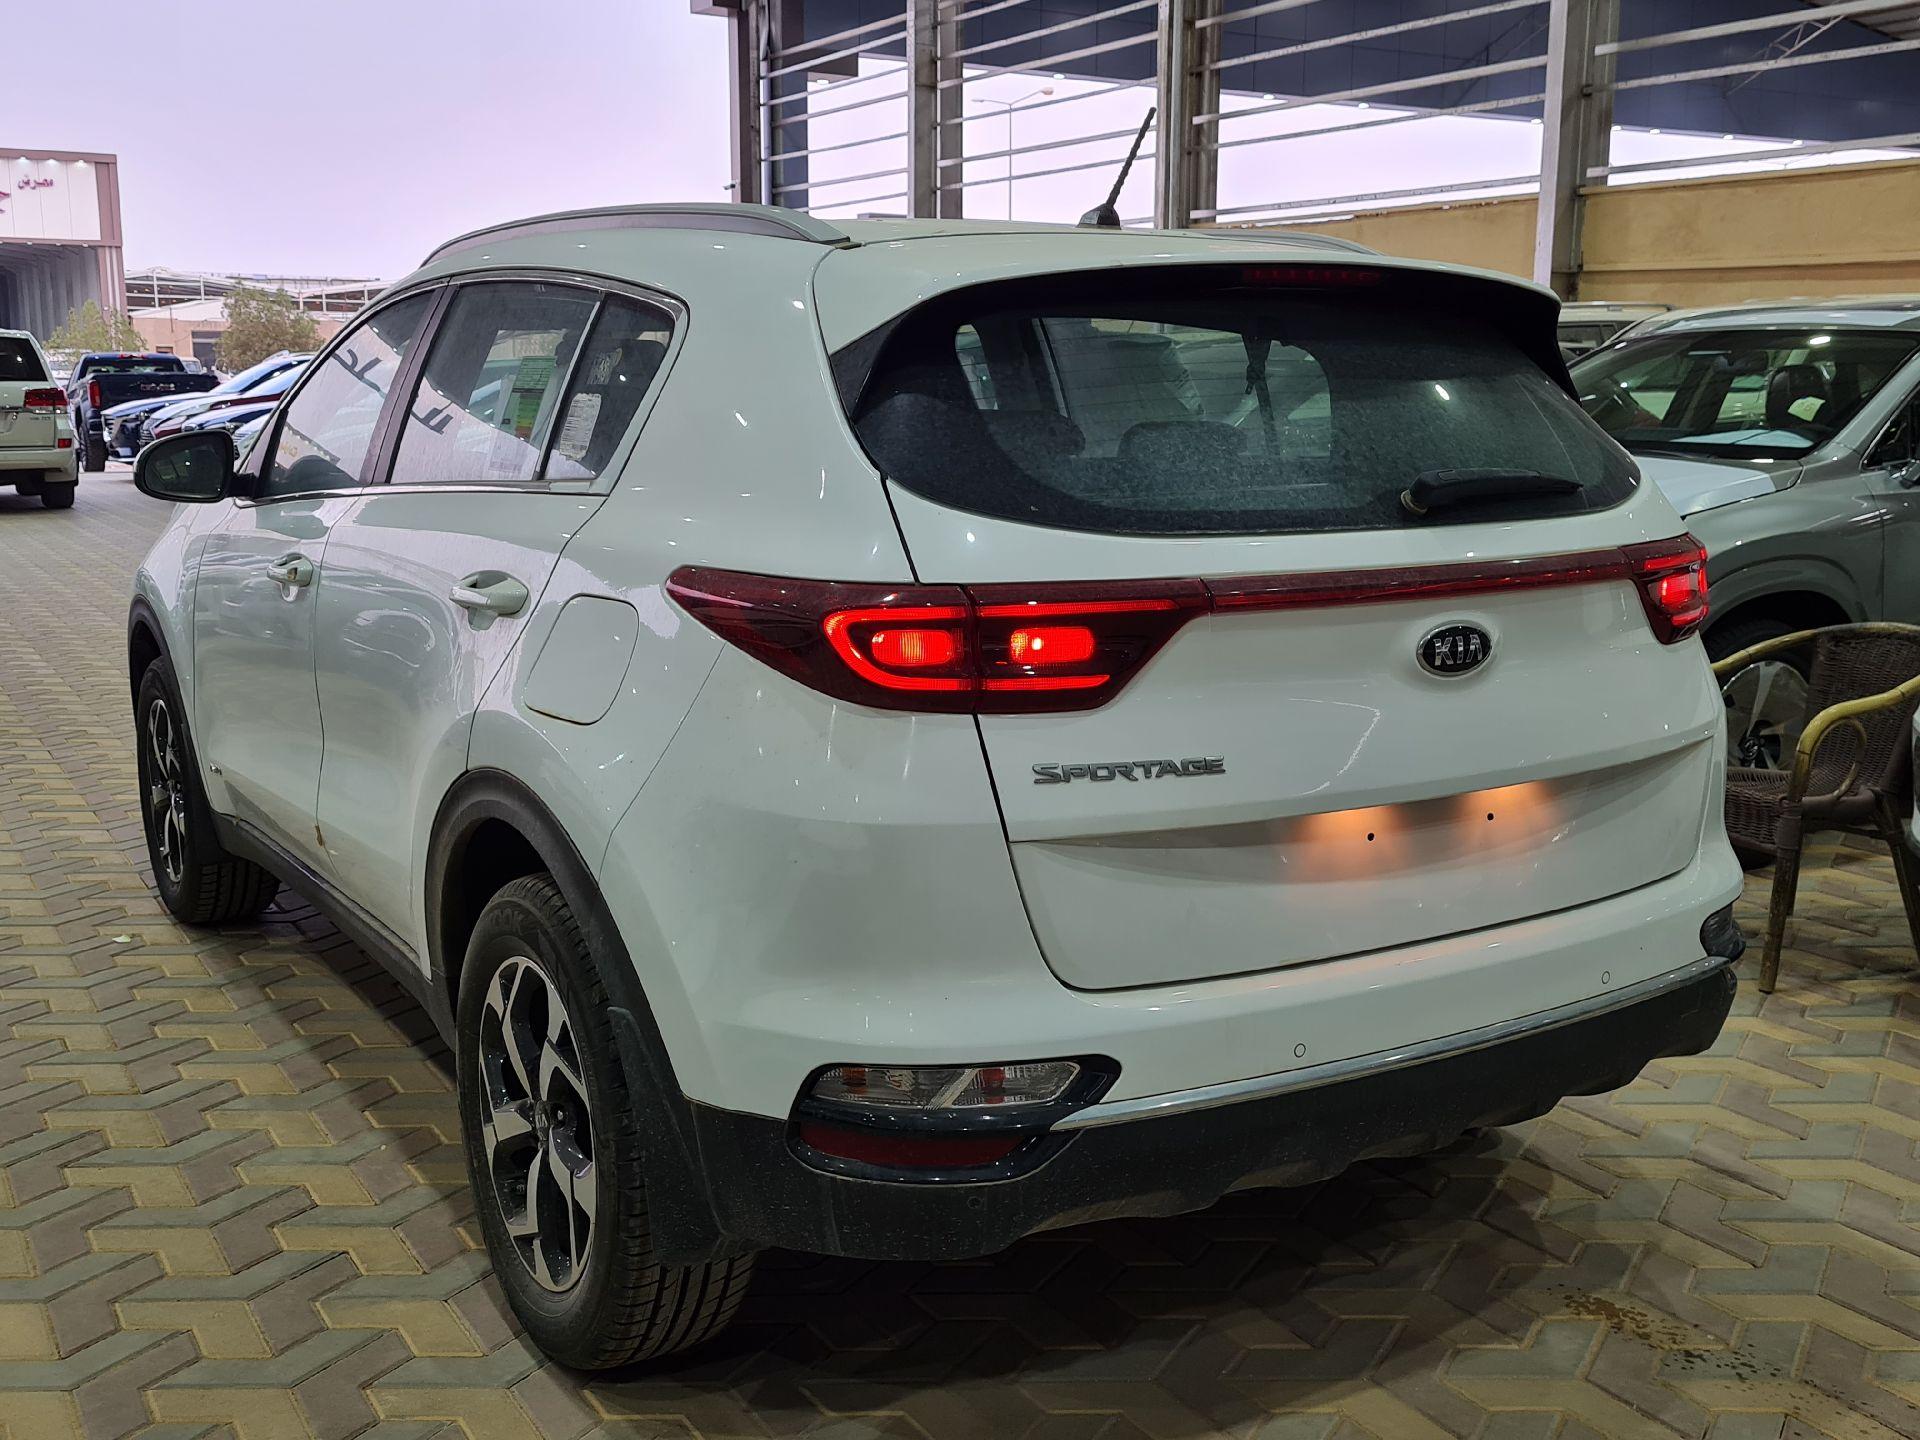 كيا سبورتاج 2020 ستاندر سعودي جديد للبيع في الرياض - السعودية - صورة كبيرة - 3